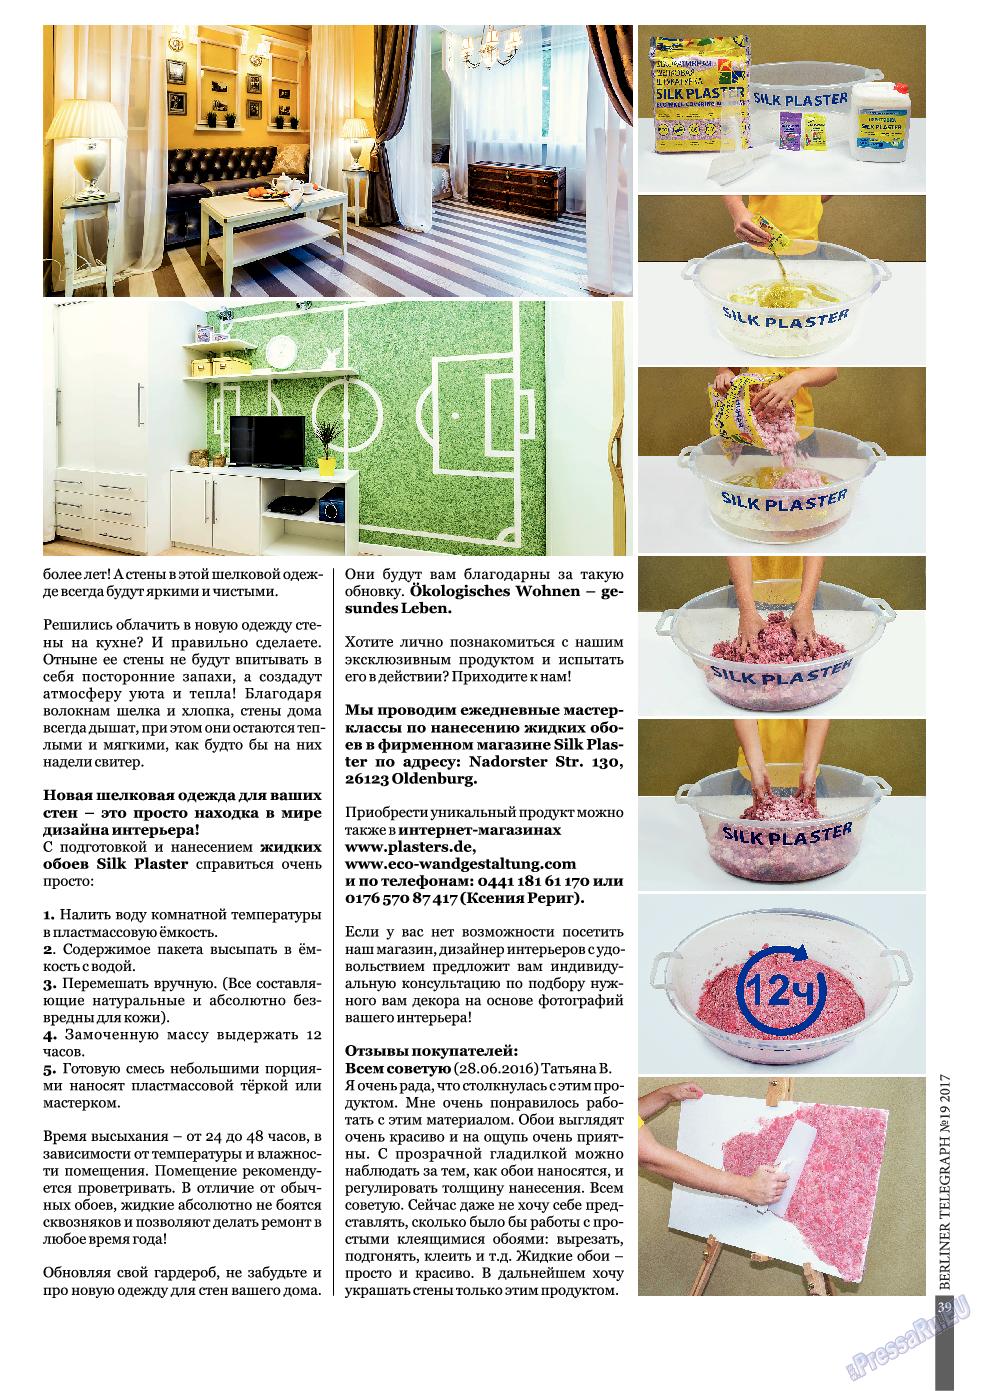 Берлинский телеграф (журнал). 2017 год, номер 19, стр. 39